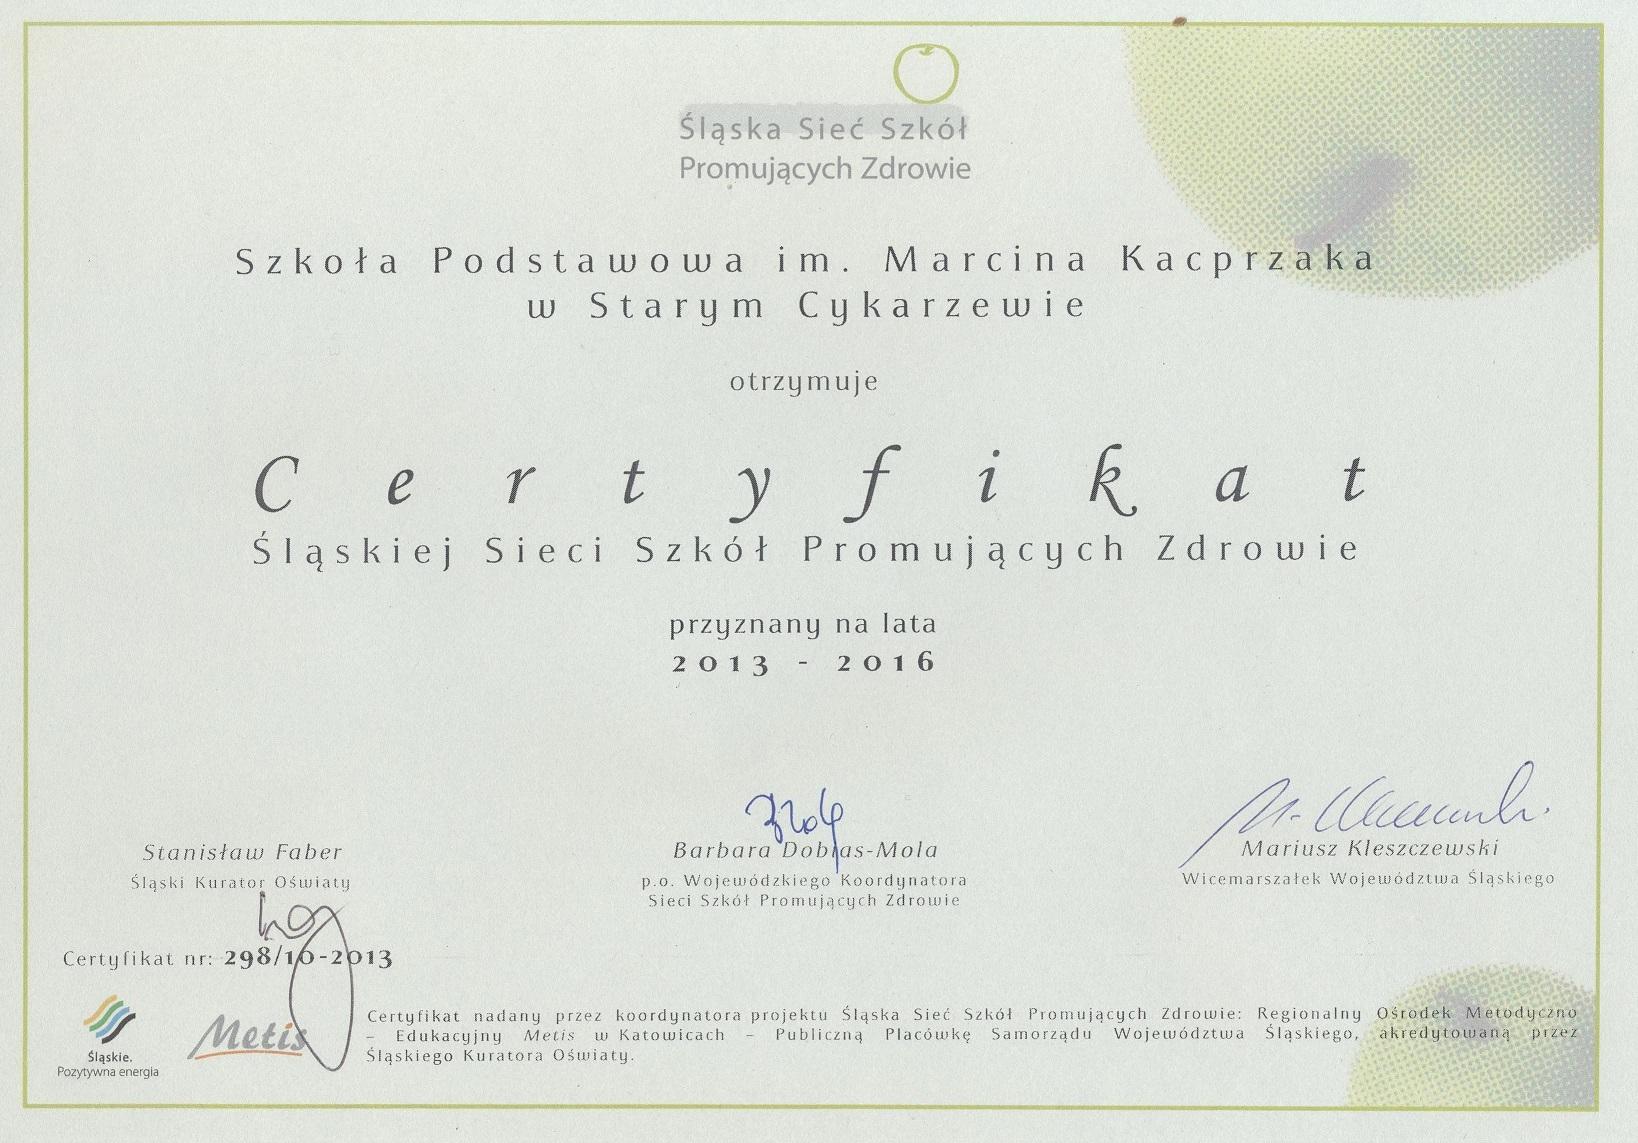 http://www.metis.pl